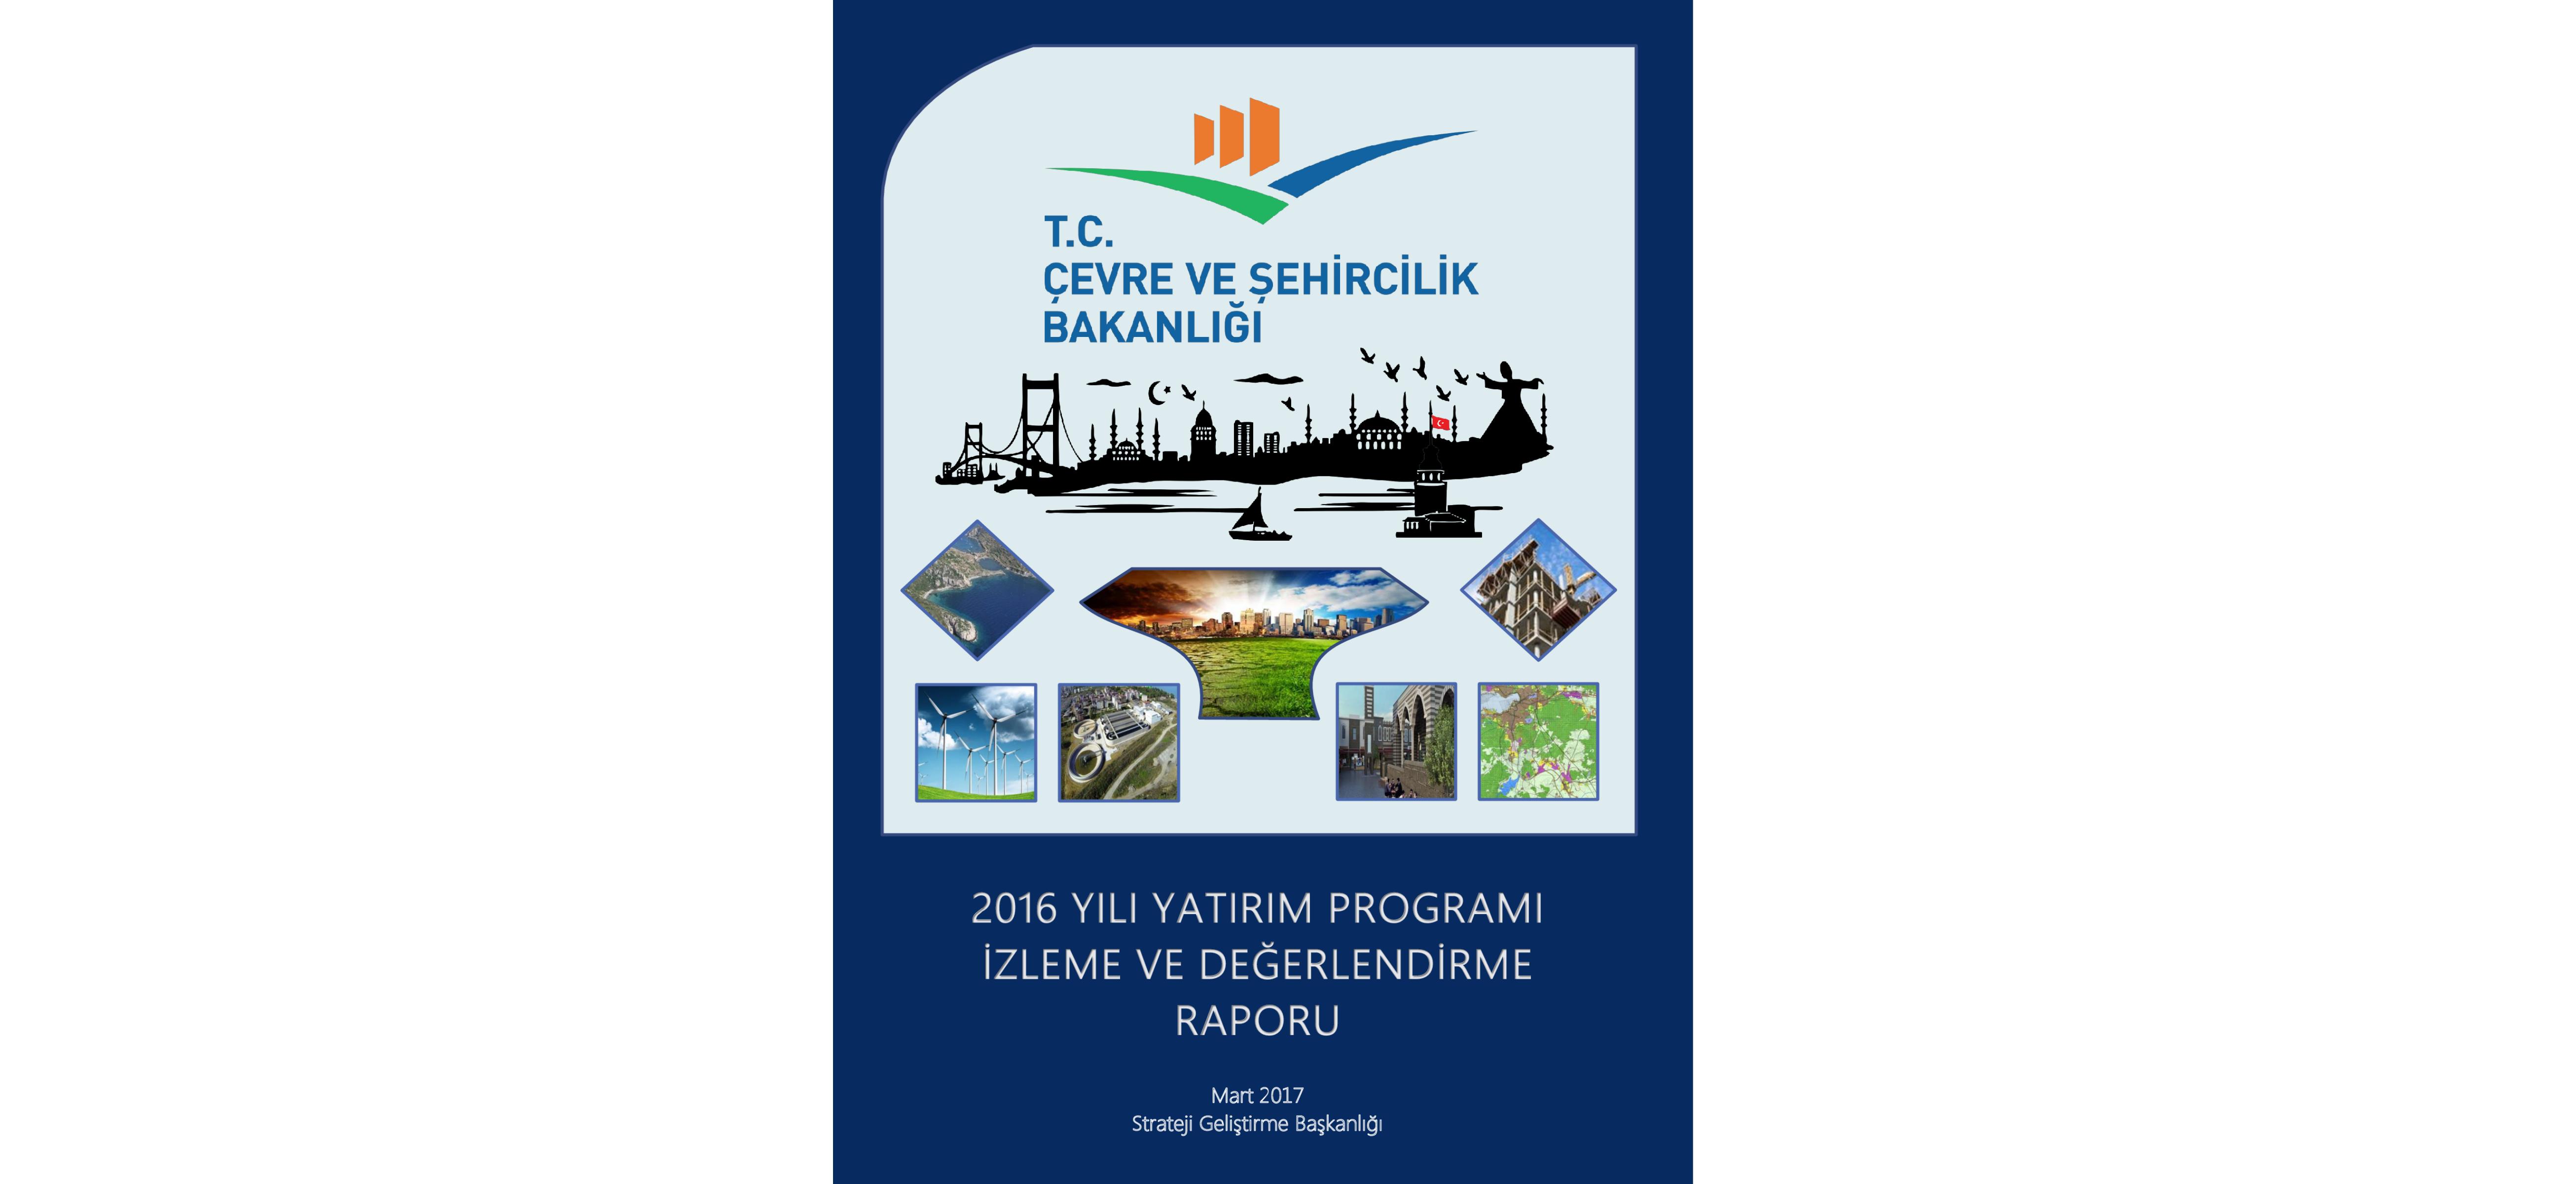 2016 Yılı Yatırım Programı İzleme ve Değerlendirme Raporu